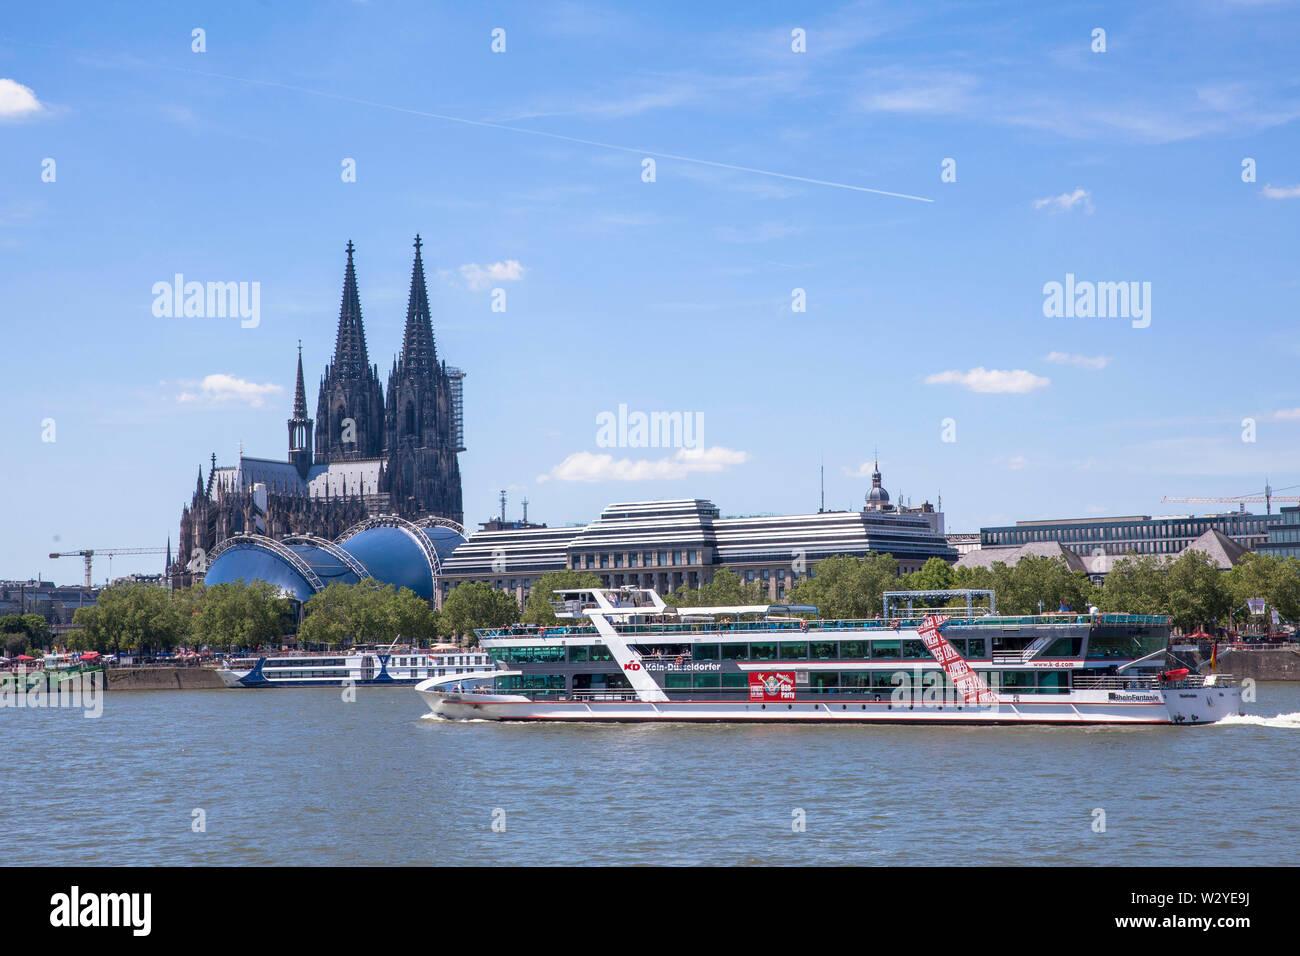 the gothic cathedral, excursionships on river Rhine, Cologne, Germany.  der Dom, Ausflugsschiff auf dem Rhein, Koeln, Deutschland. - Stock Image